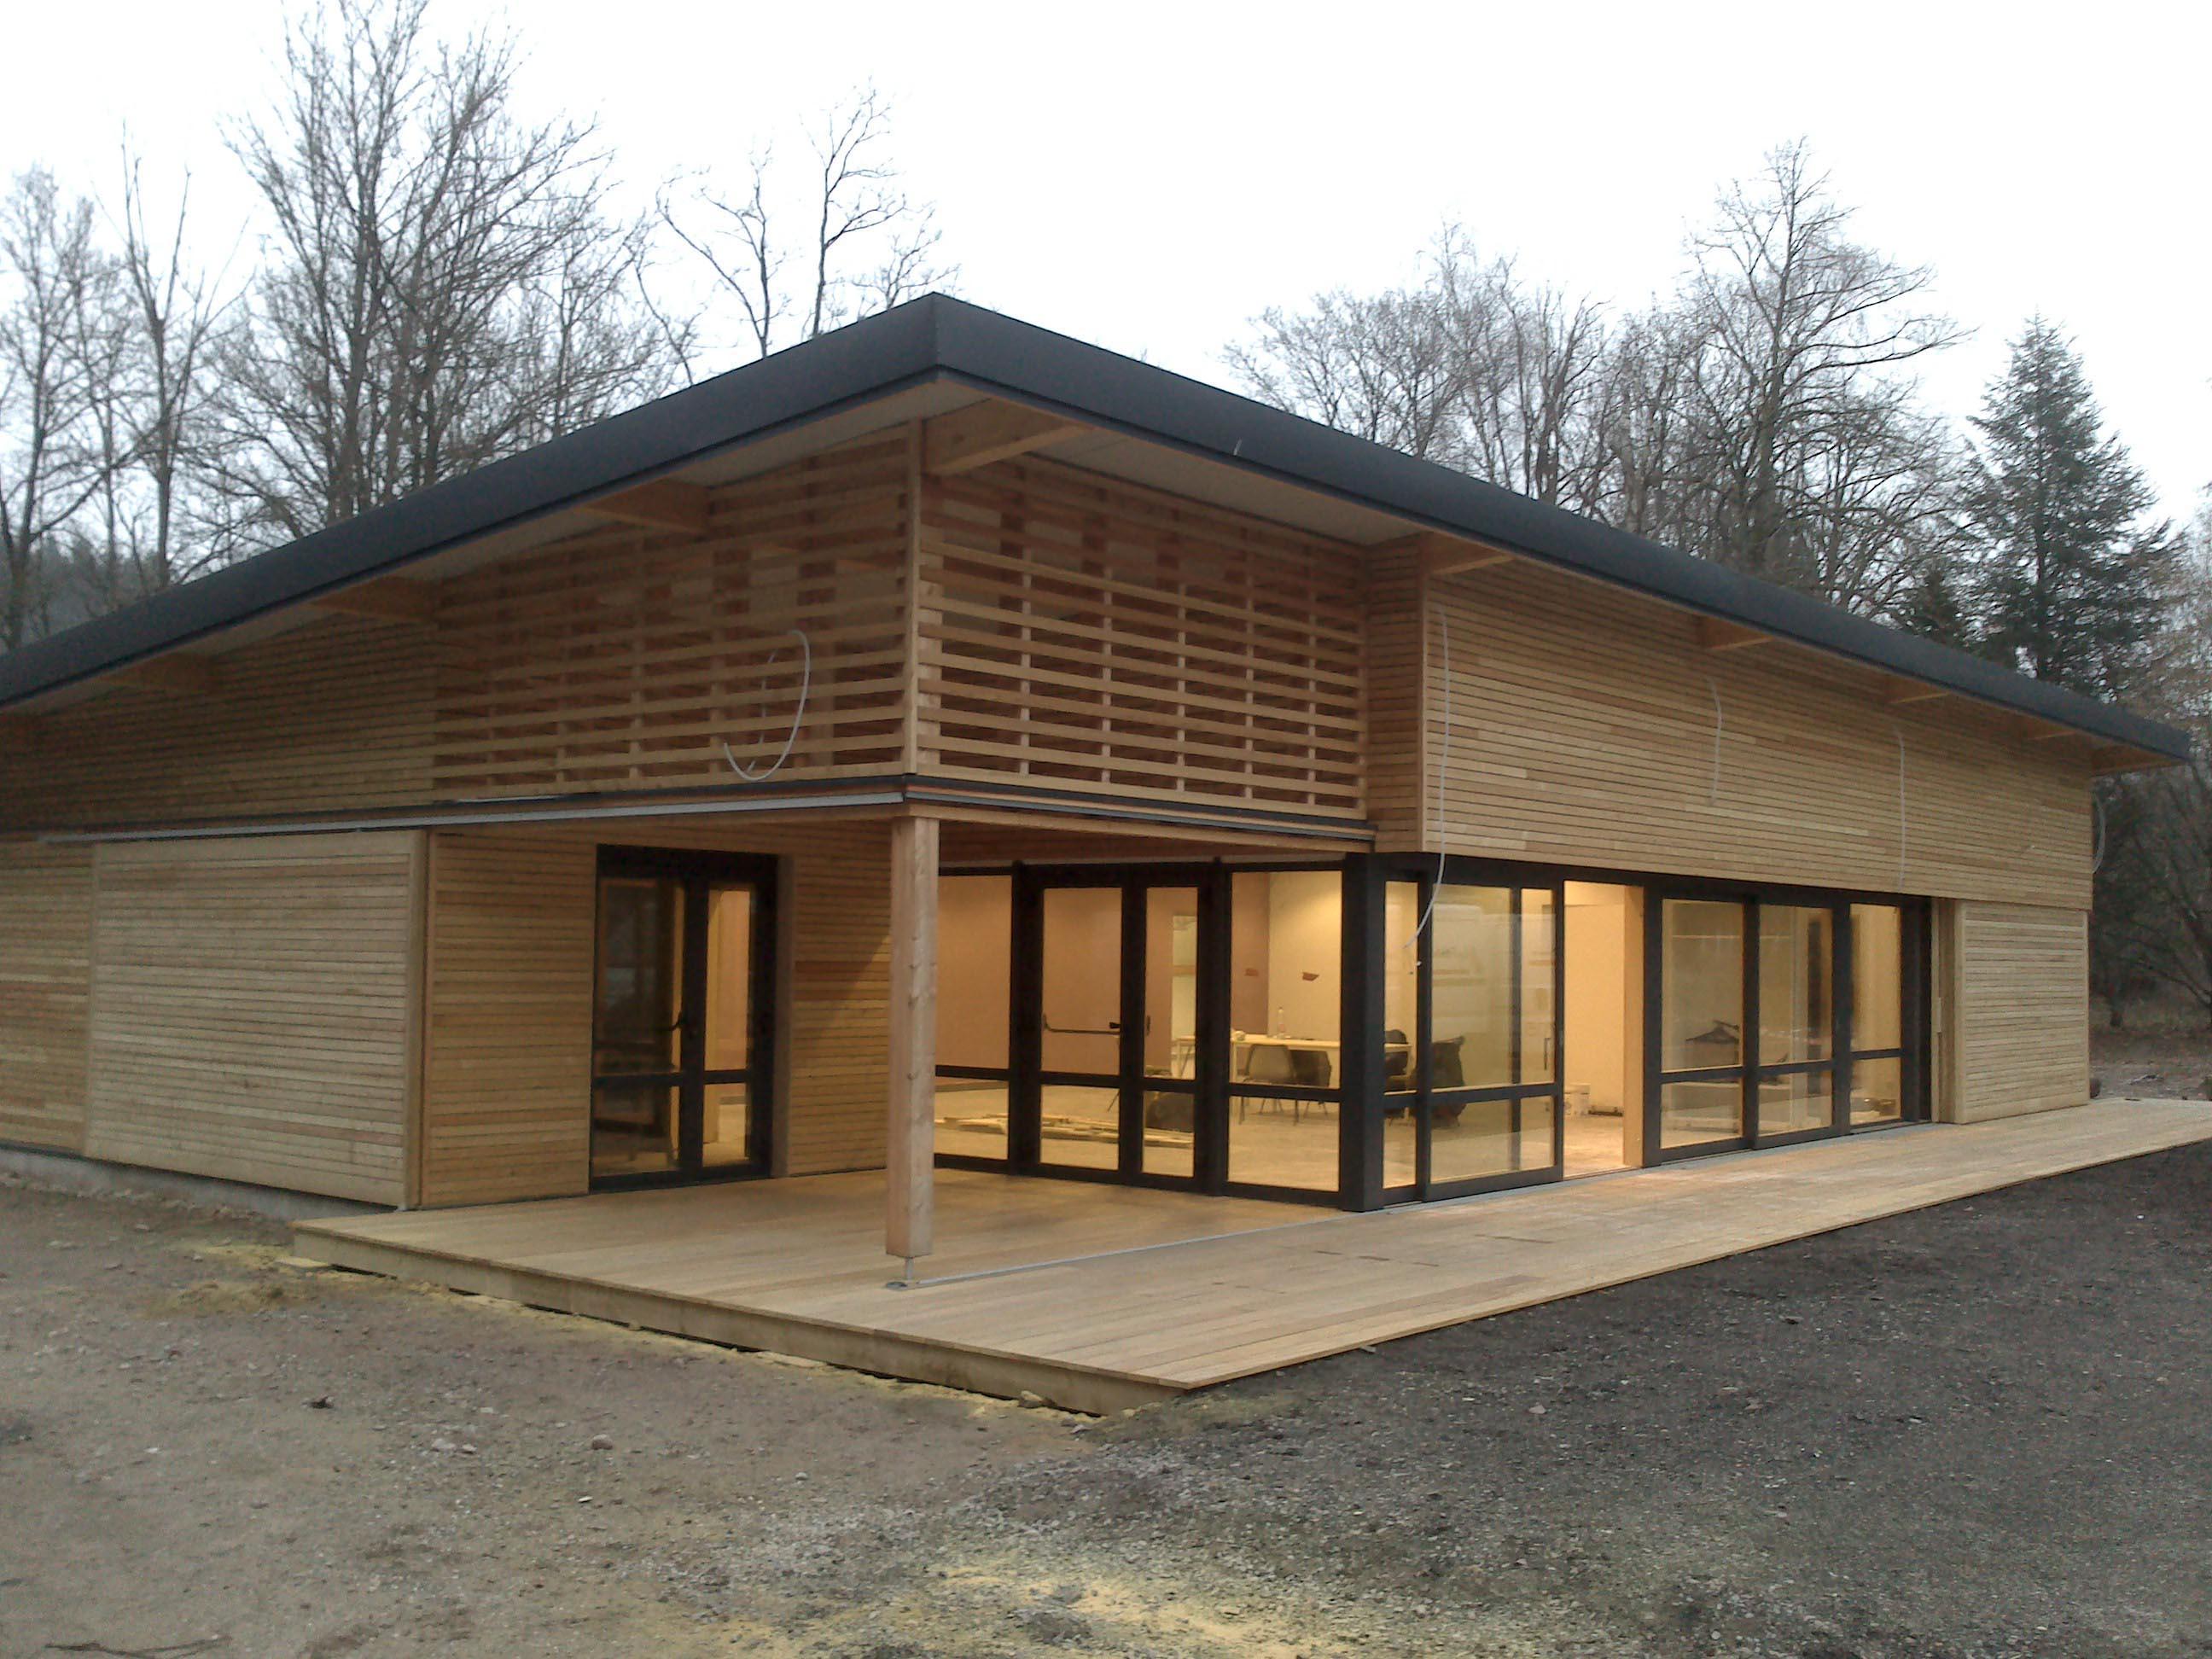 Construction ossature bois b timents publics atelier for Construction ossature bois